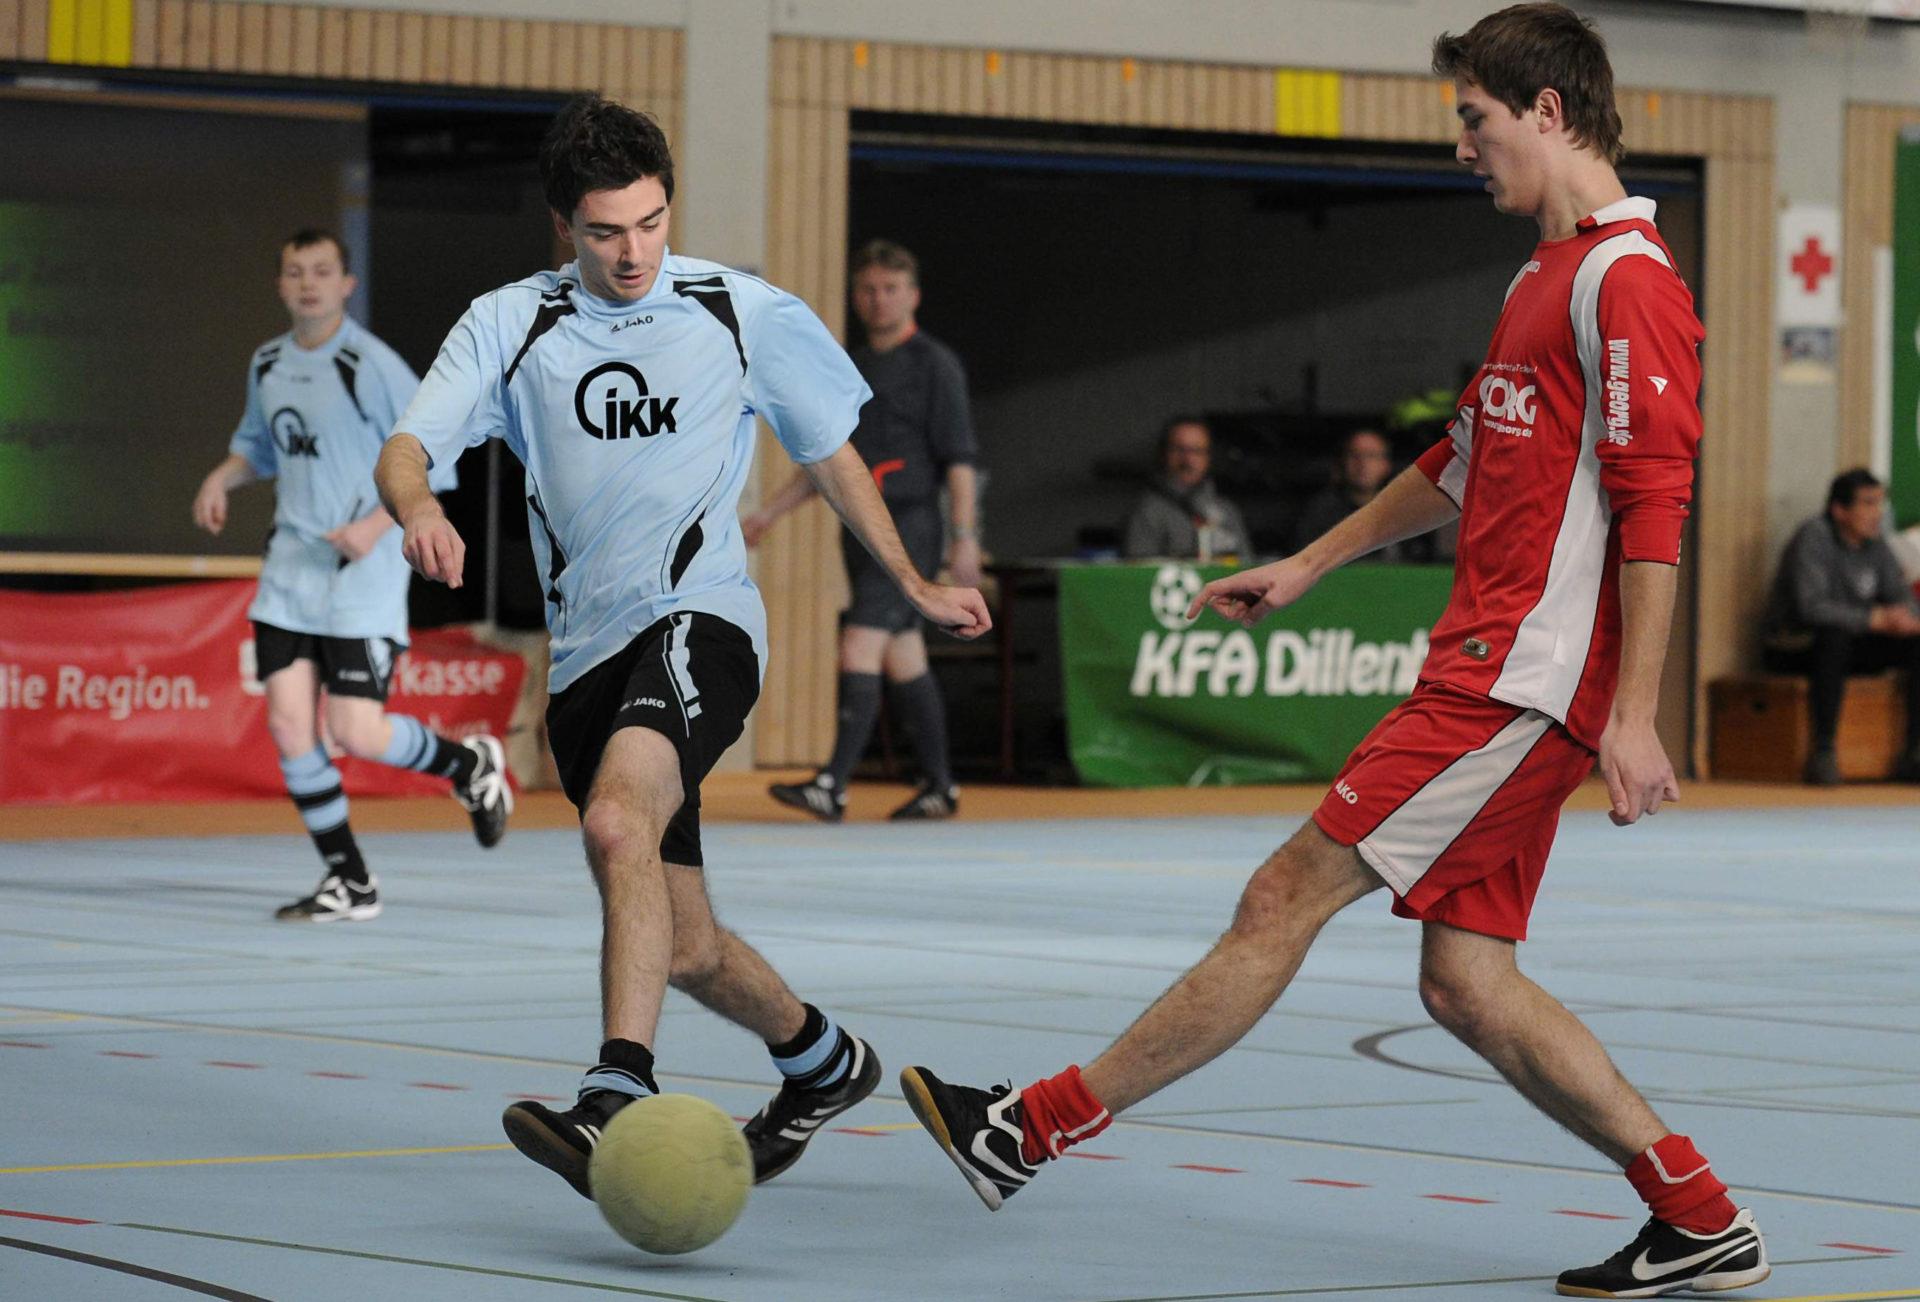 """Attraktiver Kick unter dem Hallendach! 59 Mannschaften haben ihre Meldung für den """"Alois-Plescher-Futsal-Winterpokal"""" abgegeben, der vom 3. bis 8. Januar in der Nassau-Oranien-Halle in Dillenburg über die Bühne geht."""